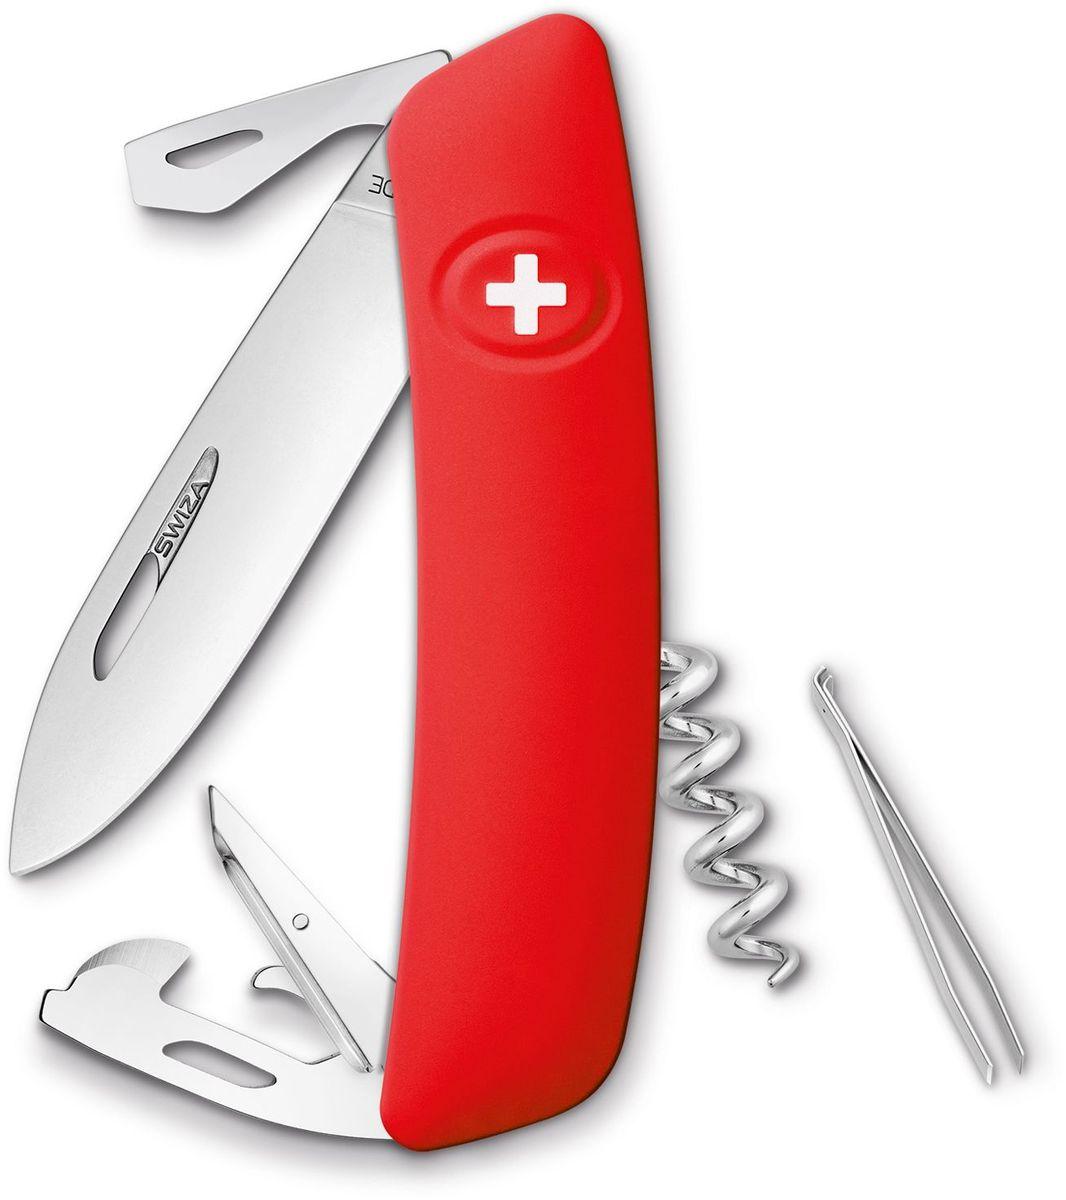 Нож швейцарский SWIZA D03, цвет: красный, длина клинка 7,5 смKNI.0030.1000Швейцарский нож (SWIZA D03) с его революционной формой и безопасной рукояткой, легко раскладываемой ручкой - самый удобный и простой в использовании швейцарский нож на все времена. Эргономично изогнутая форма ножа обеспечивает более легкий доступ к инструментам, а пазы позволяют легко их открывать, как левой, так и правой рукой. 1. нож перочинный, 2.Штопор, 3. ример/дырокол 4. шило, 5. безопасная блокировка лезвий, 6. пинцет 7. консервный нож, 8 Wire Bender (для проволоки), 9 Отвертка №1, 10. Отвертка №3, 11. Открывалка для бутылок